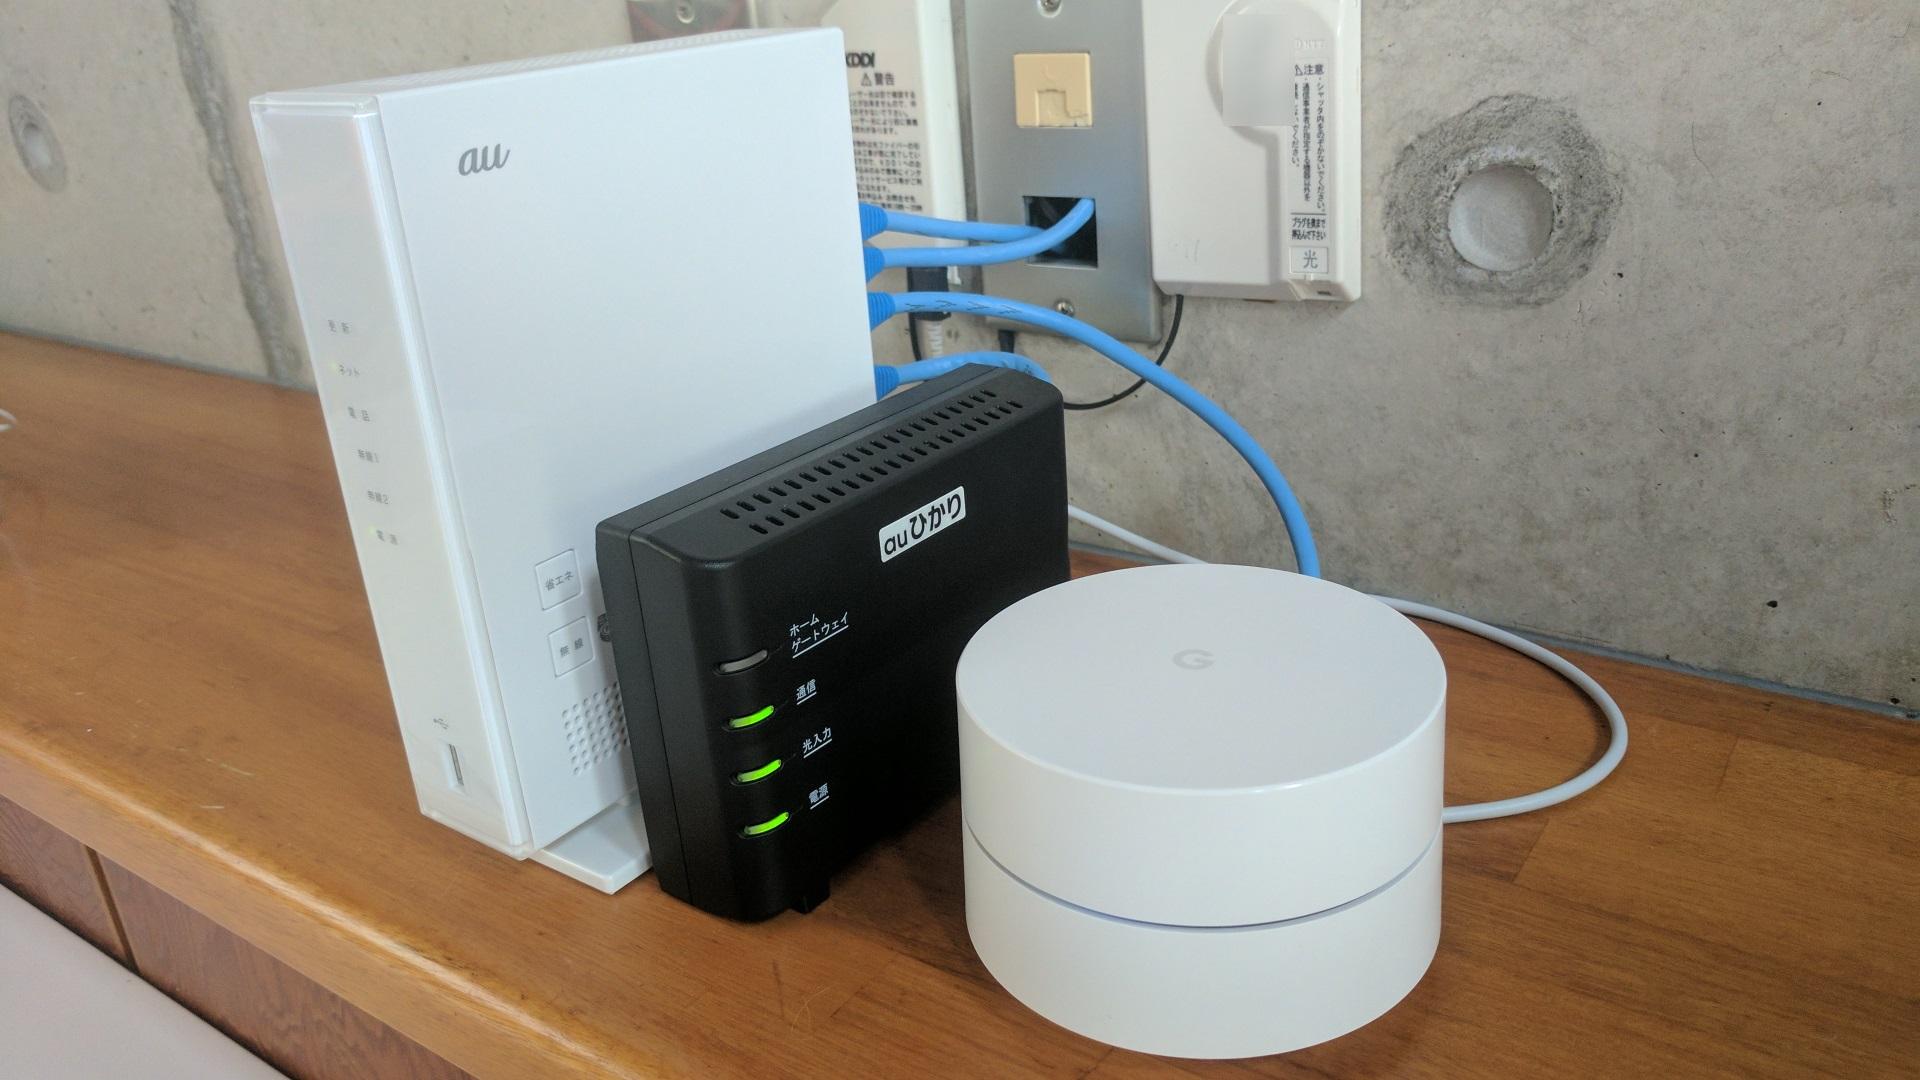 【How to】「Google Wifi」が到着したので親機(OnHub)のサブ(Mesh Wifi point)として設定してみた